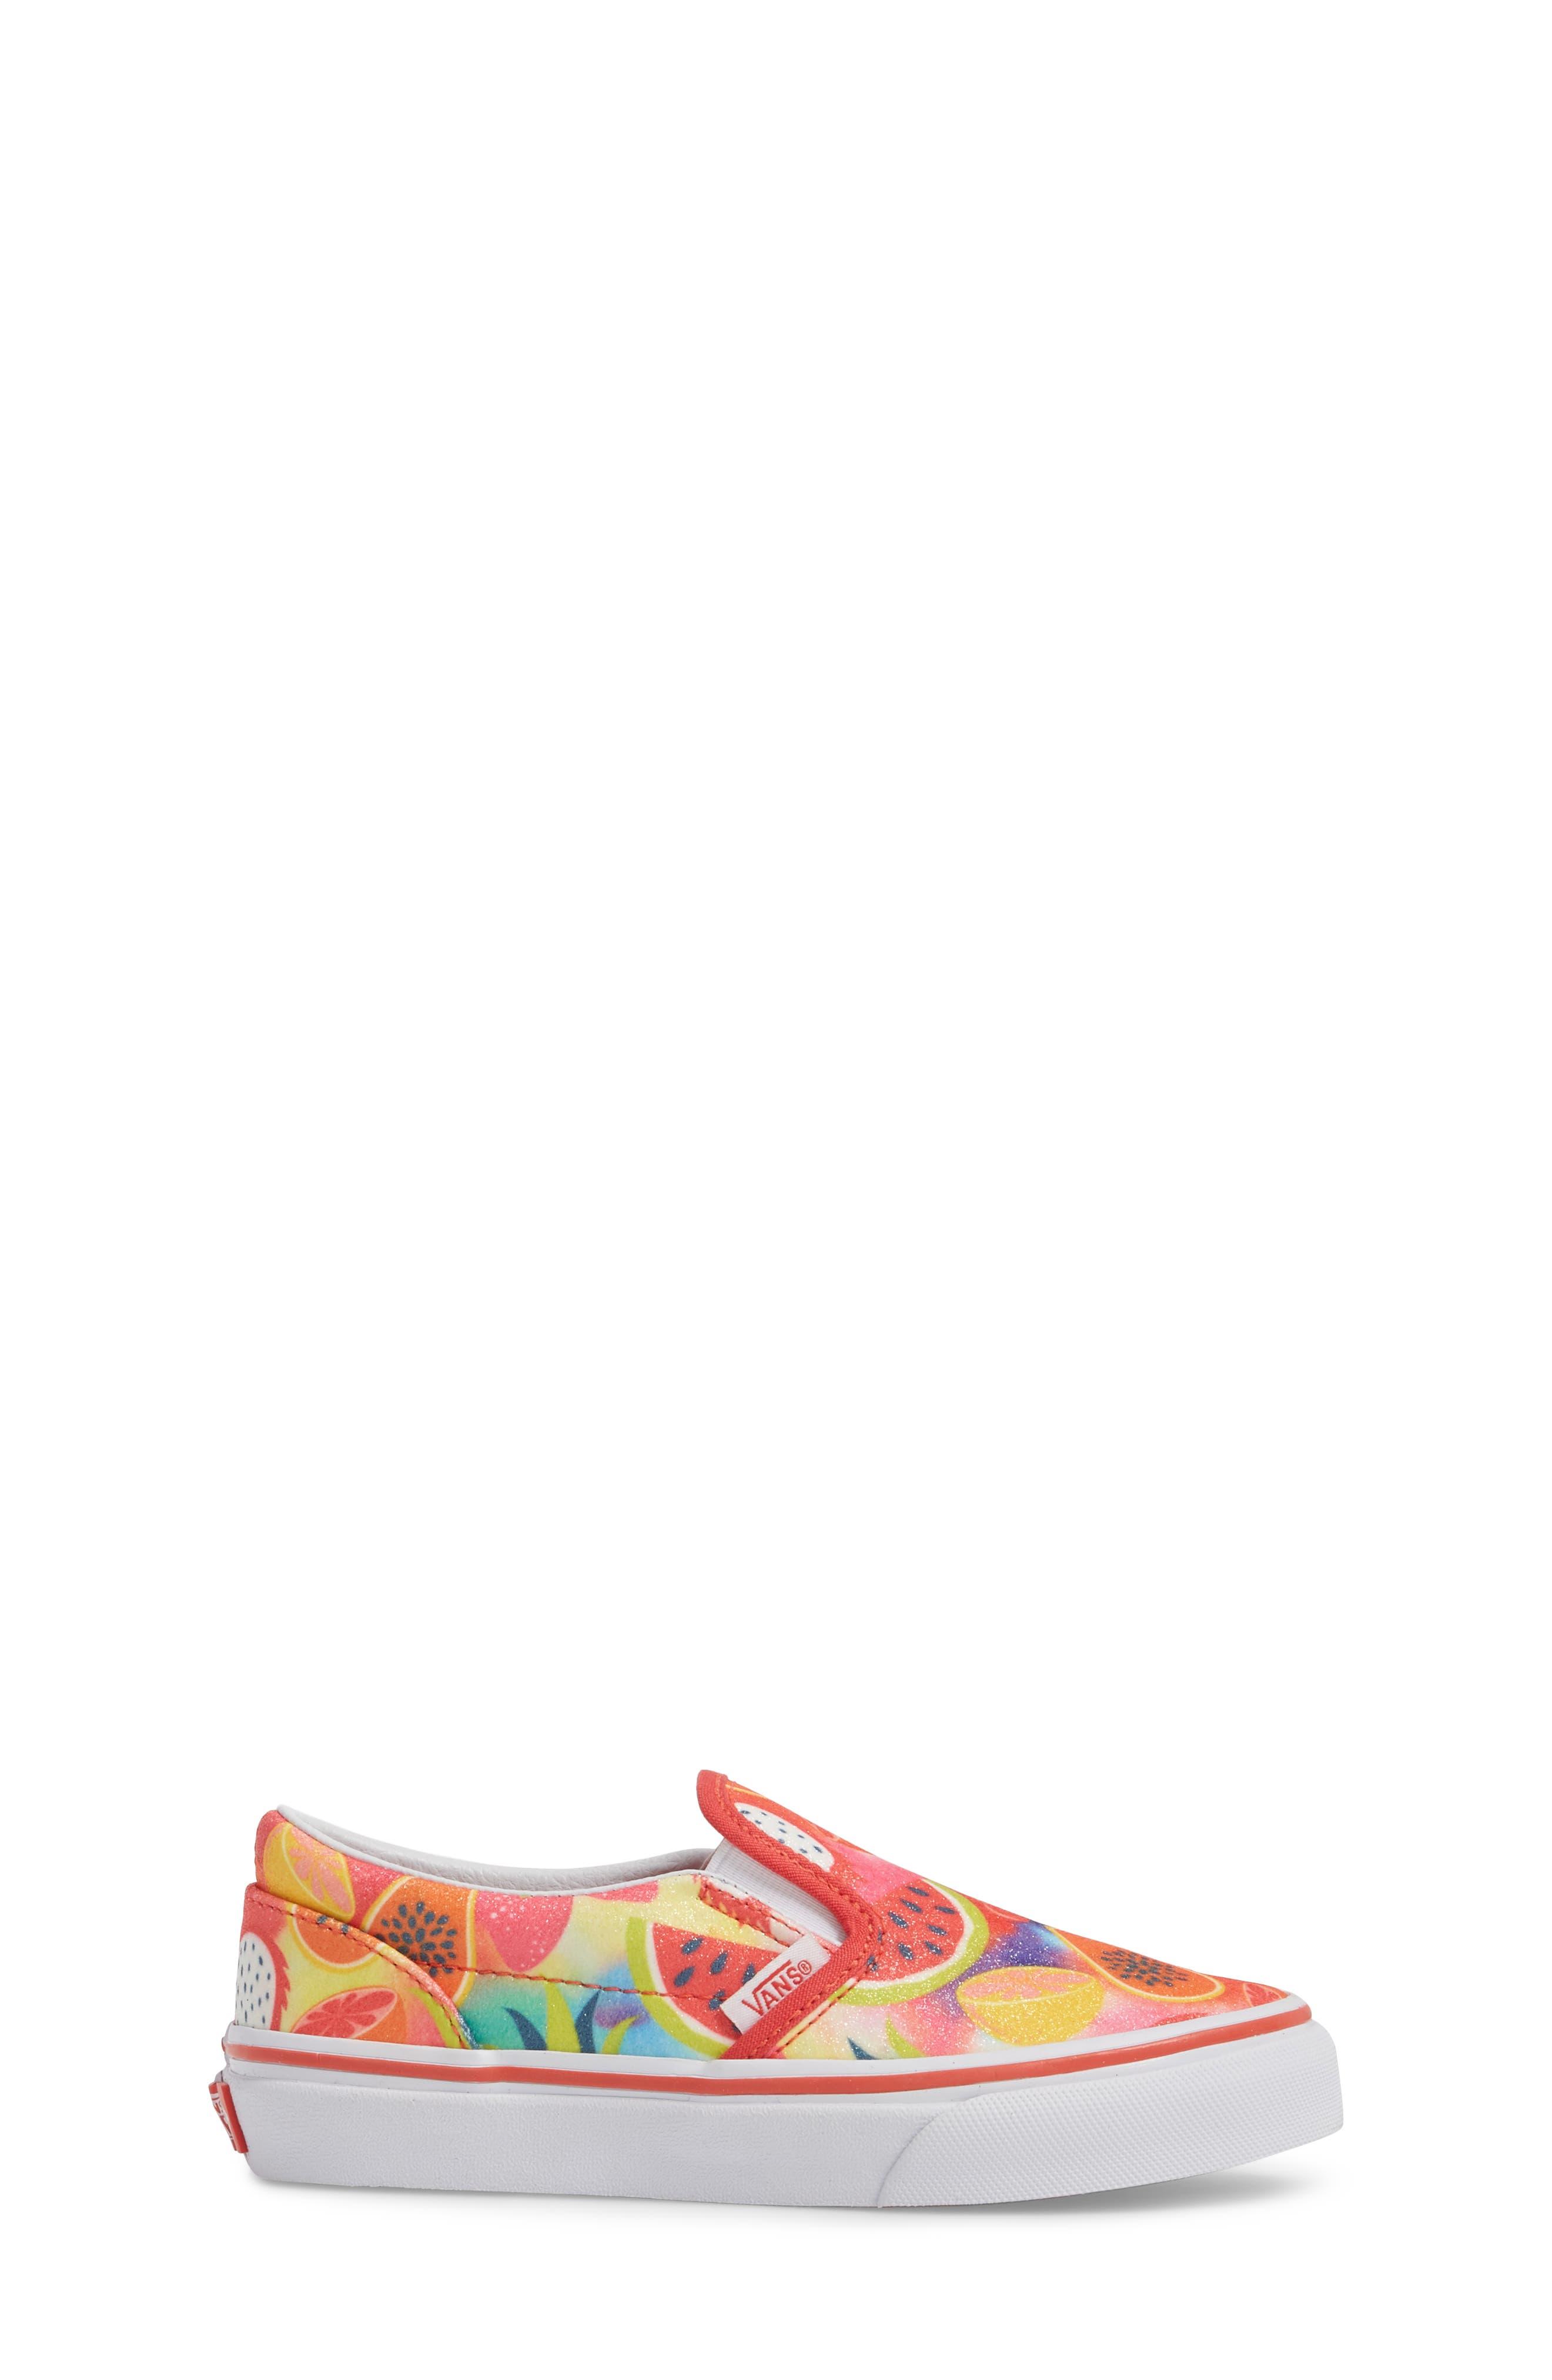 Classic Glitter Fruit Slip-On Sneaker,                             Alternate thumbnail 3, color,                             White/ Multi Glitter Fruits